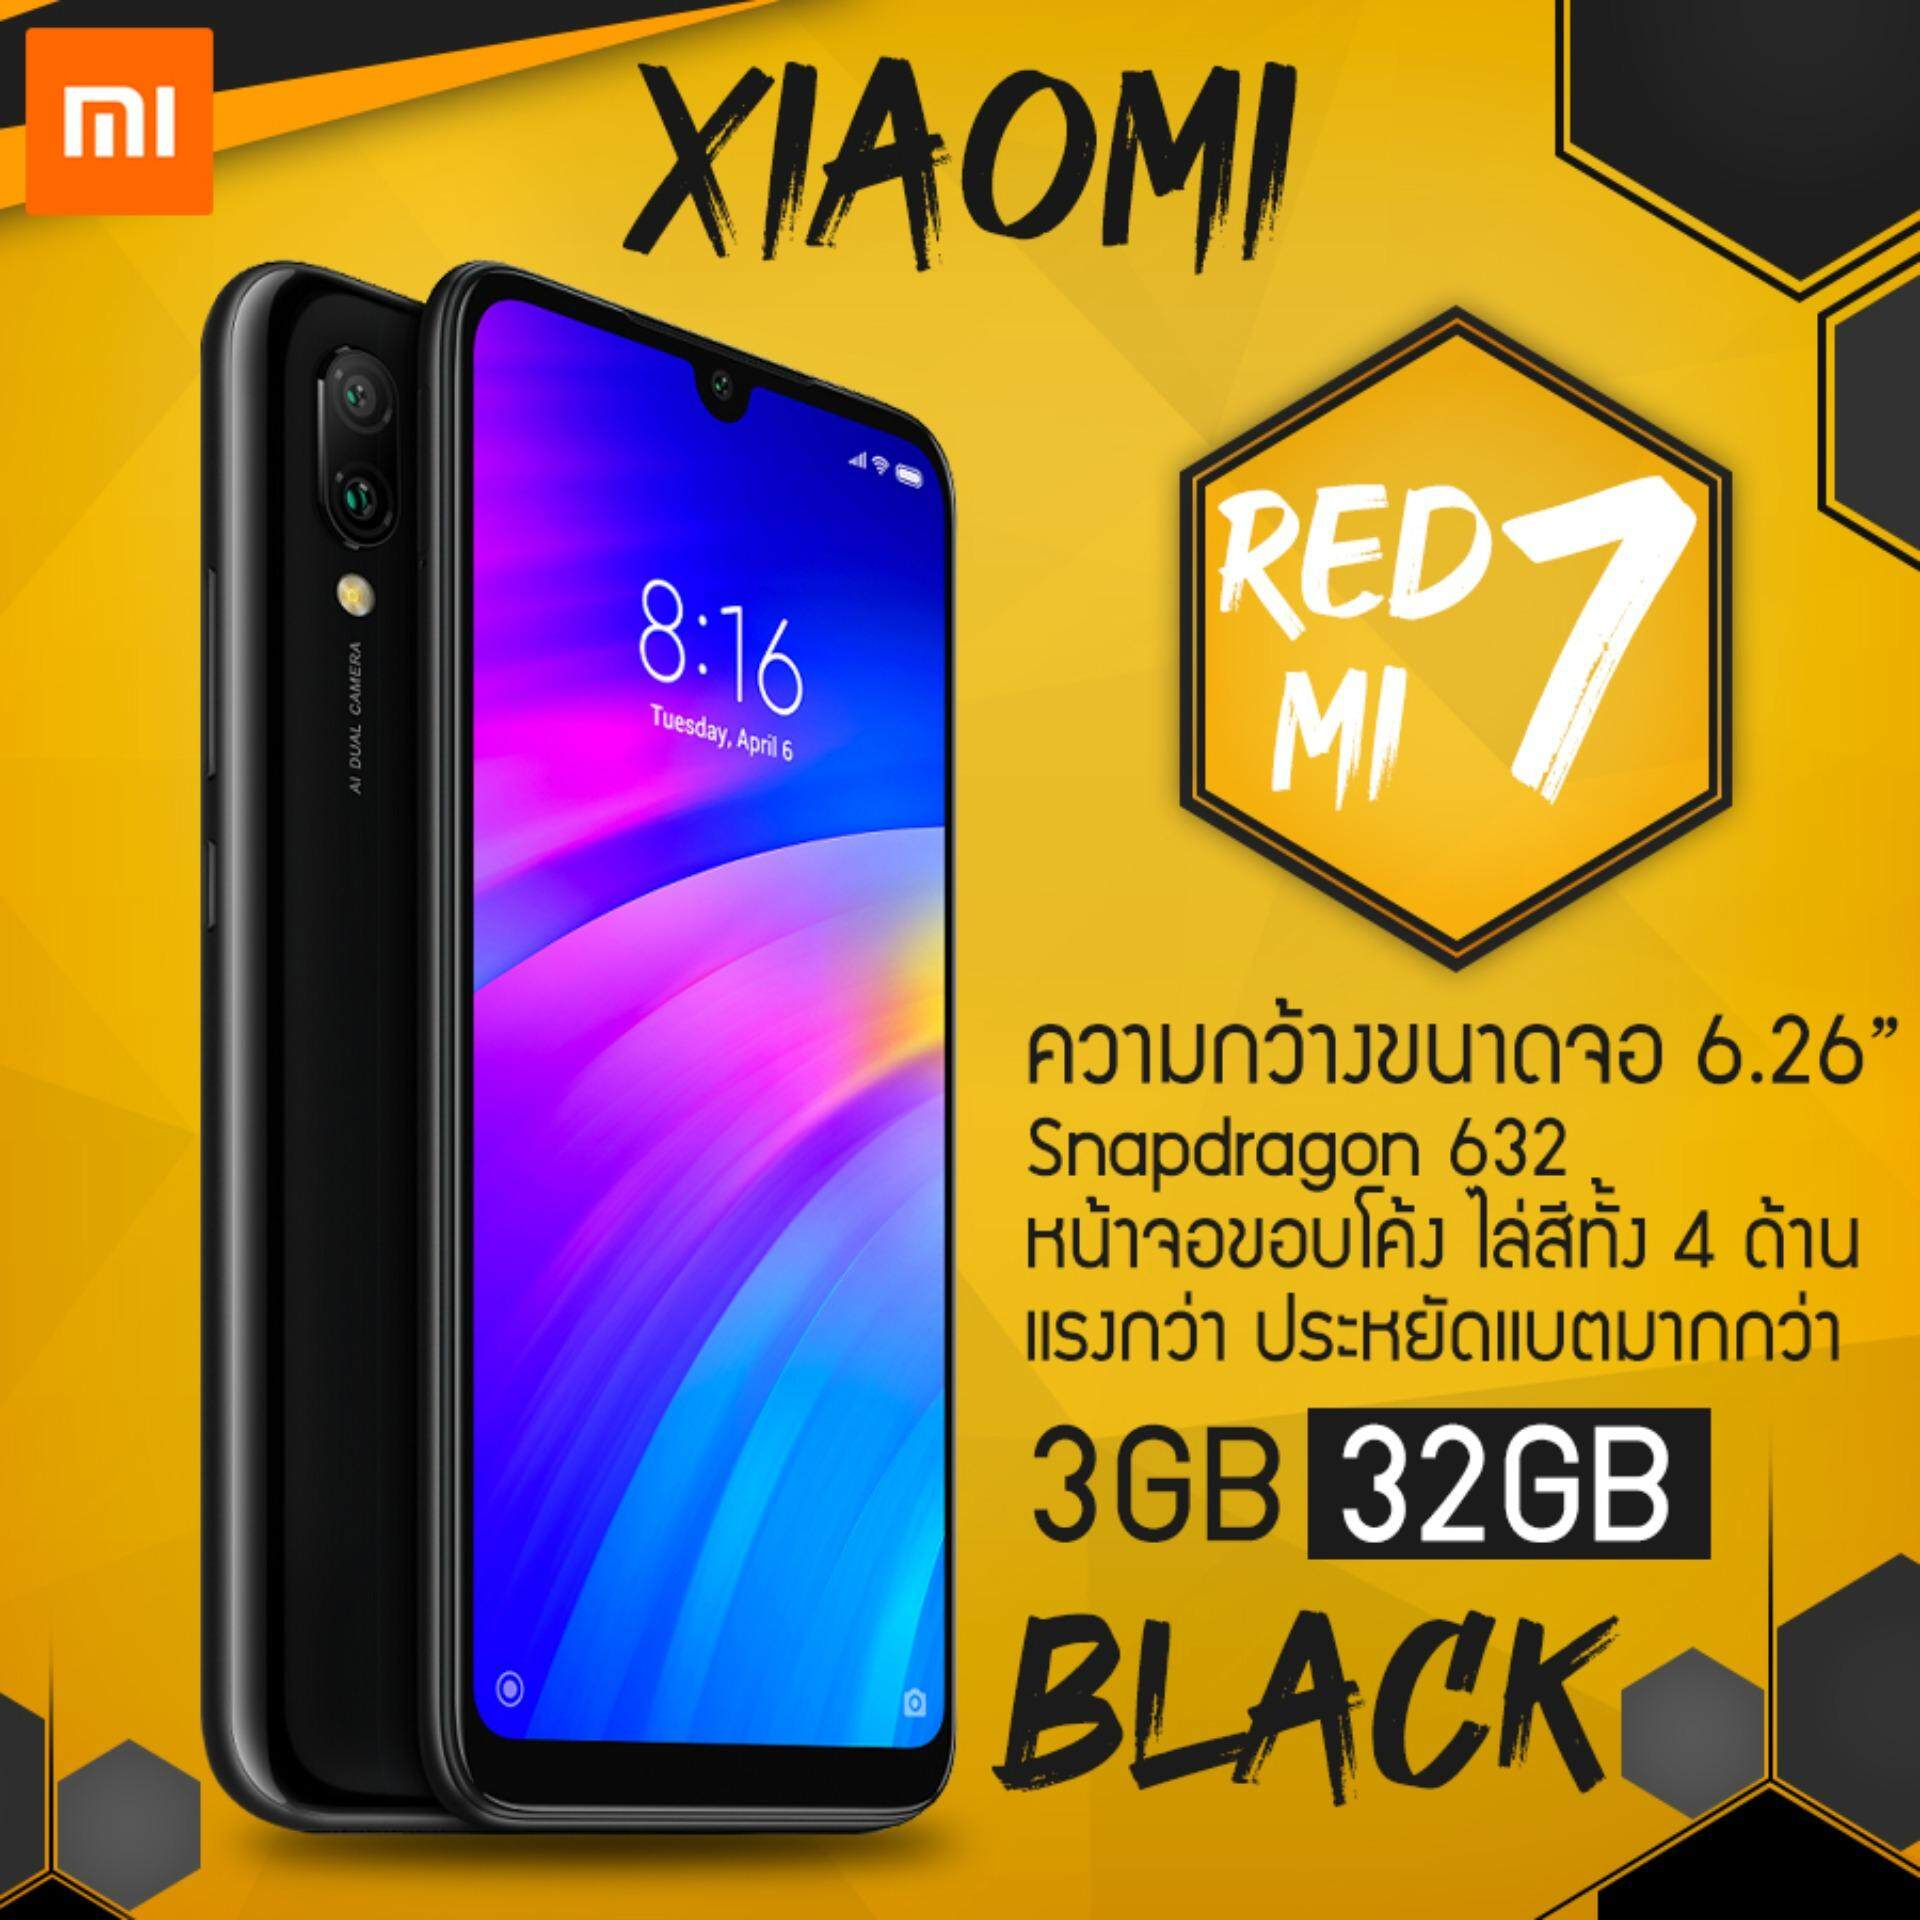 ยี่ห้อนี้ดีไหม  นนทบุรี [Global Version] Xiaomi Redmi 7 (3/32GB) 6.26